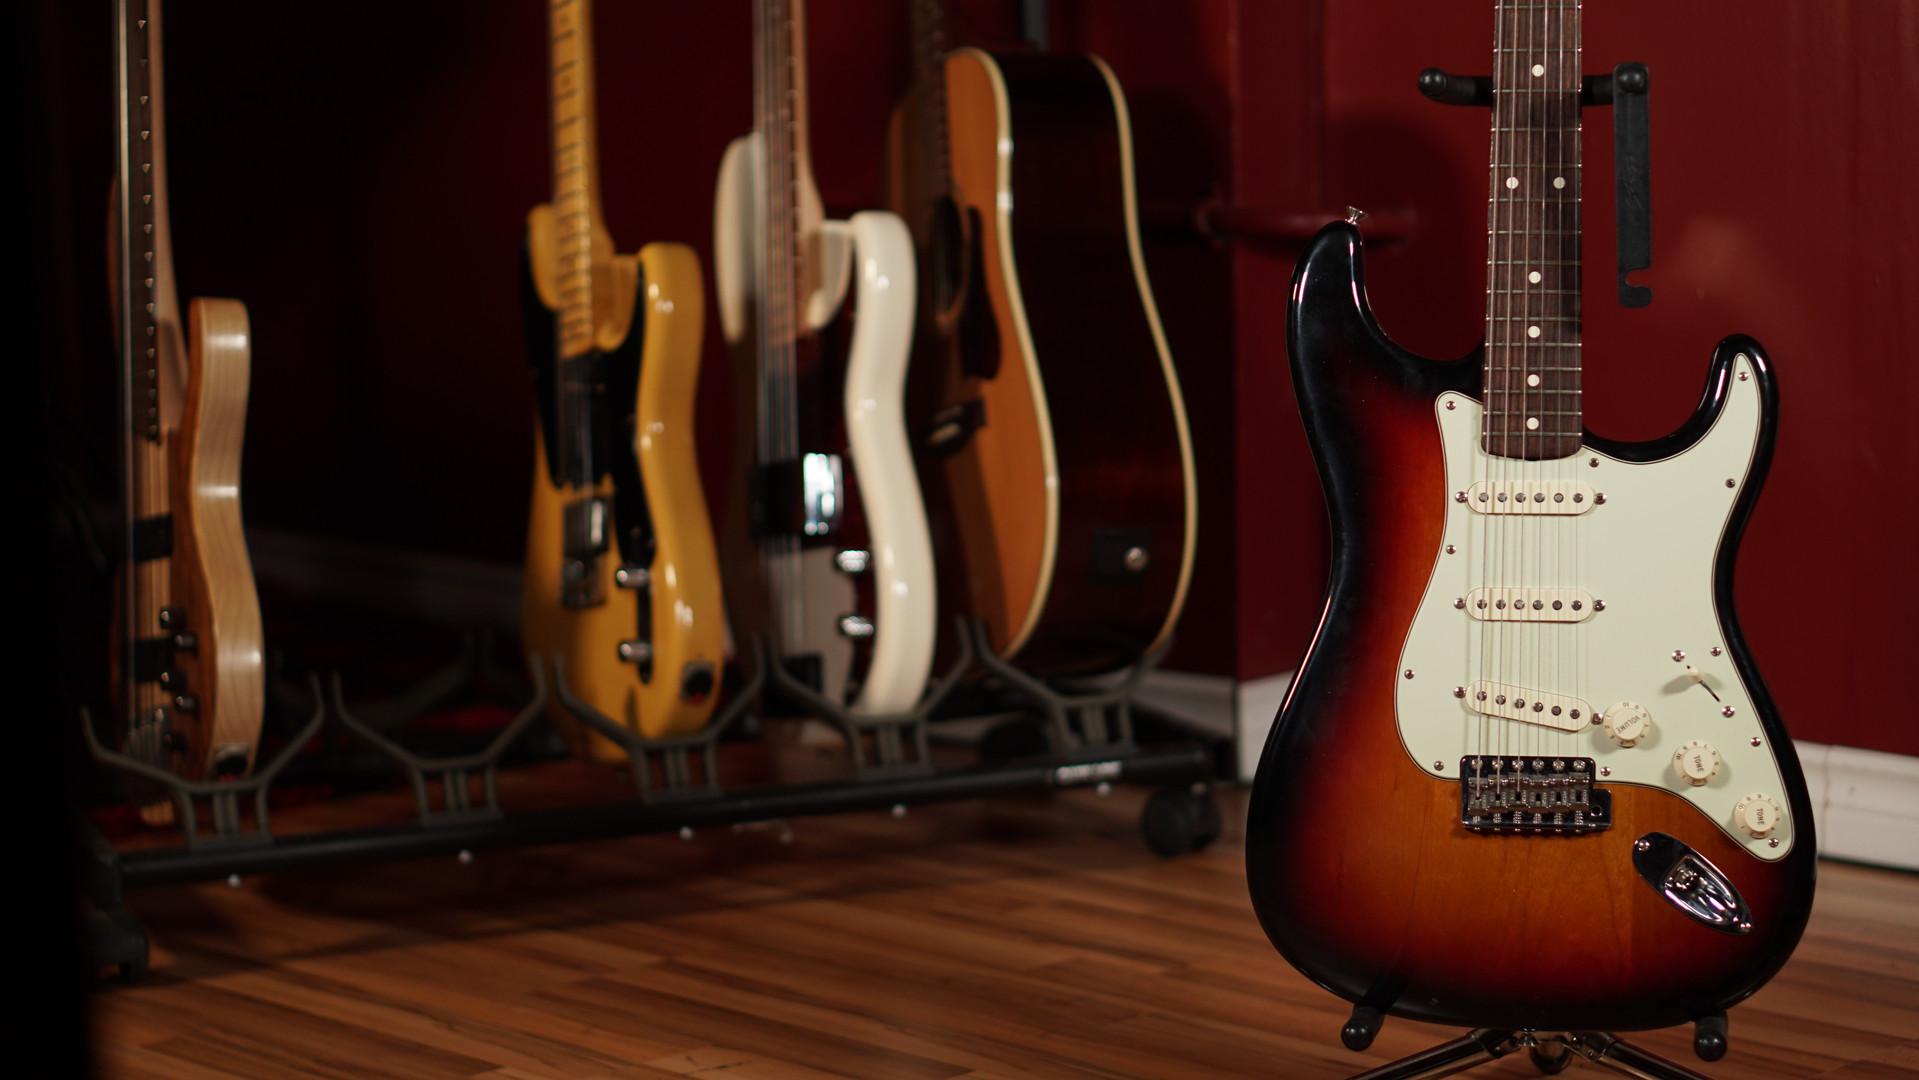 Fender '07 American Vintage Stratocaster